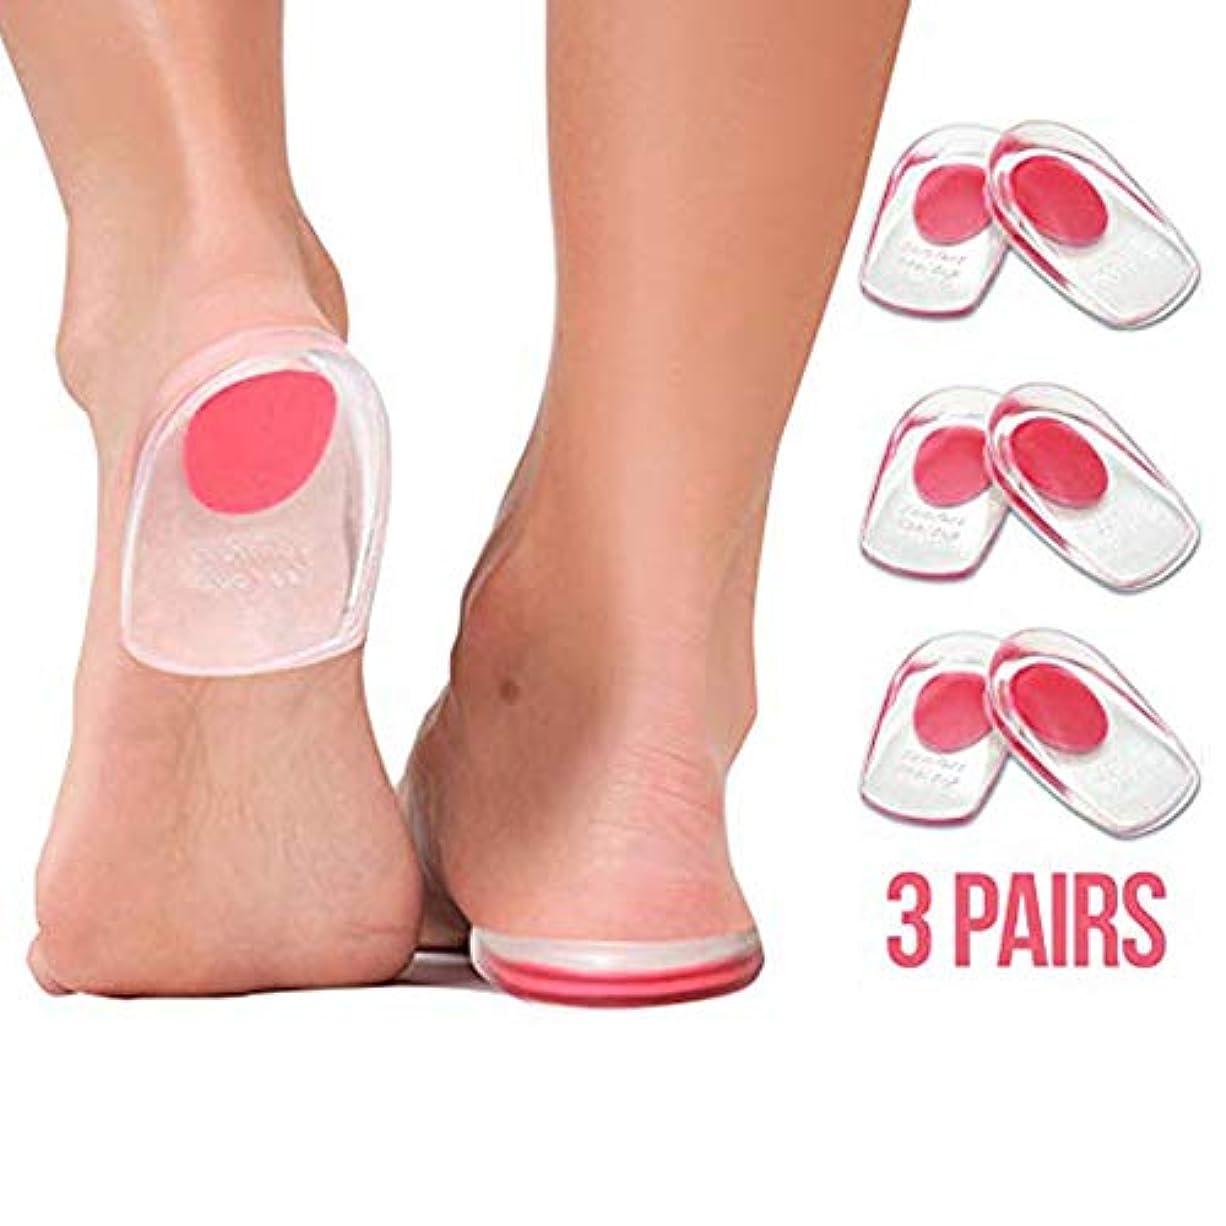 少ない寄託歪めるゲル ヒールカップ 足底筋膜炎 挿入物、 マッサージ ハイヒール 滑り止め 疼痛 パッド、 シリコーン ヒール カップ パッド、 にとって 骨棘 痛みを軽減する プロテクター、 インソール ゲル 処理,Pink